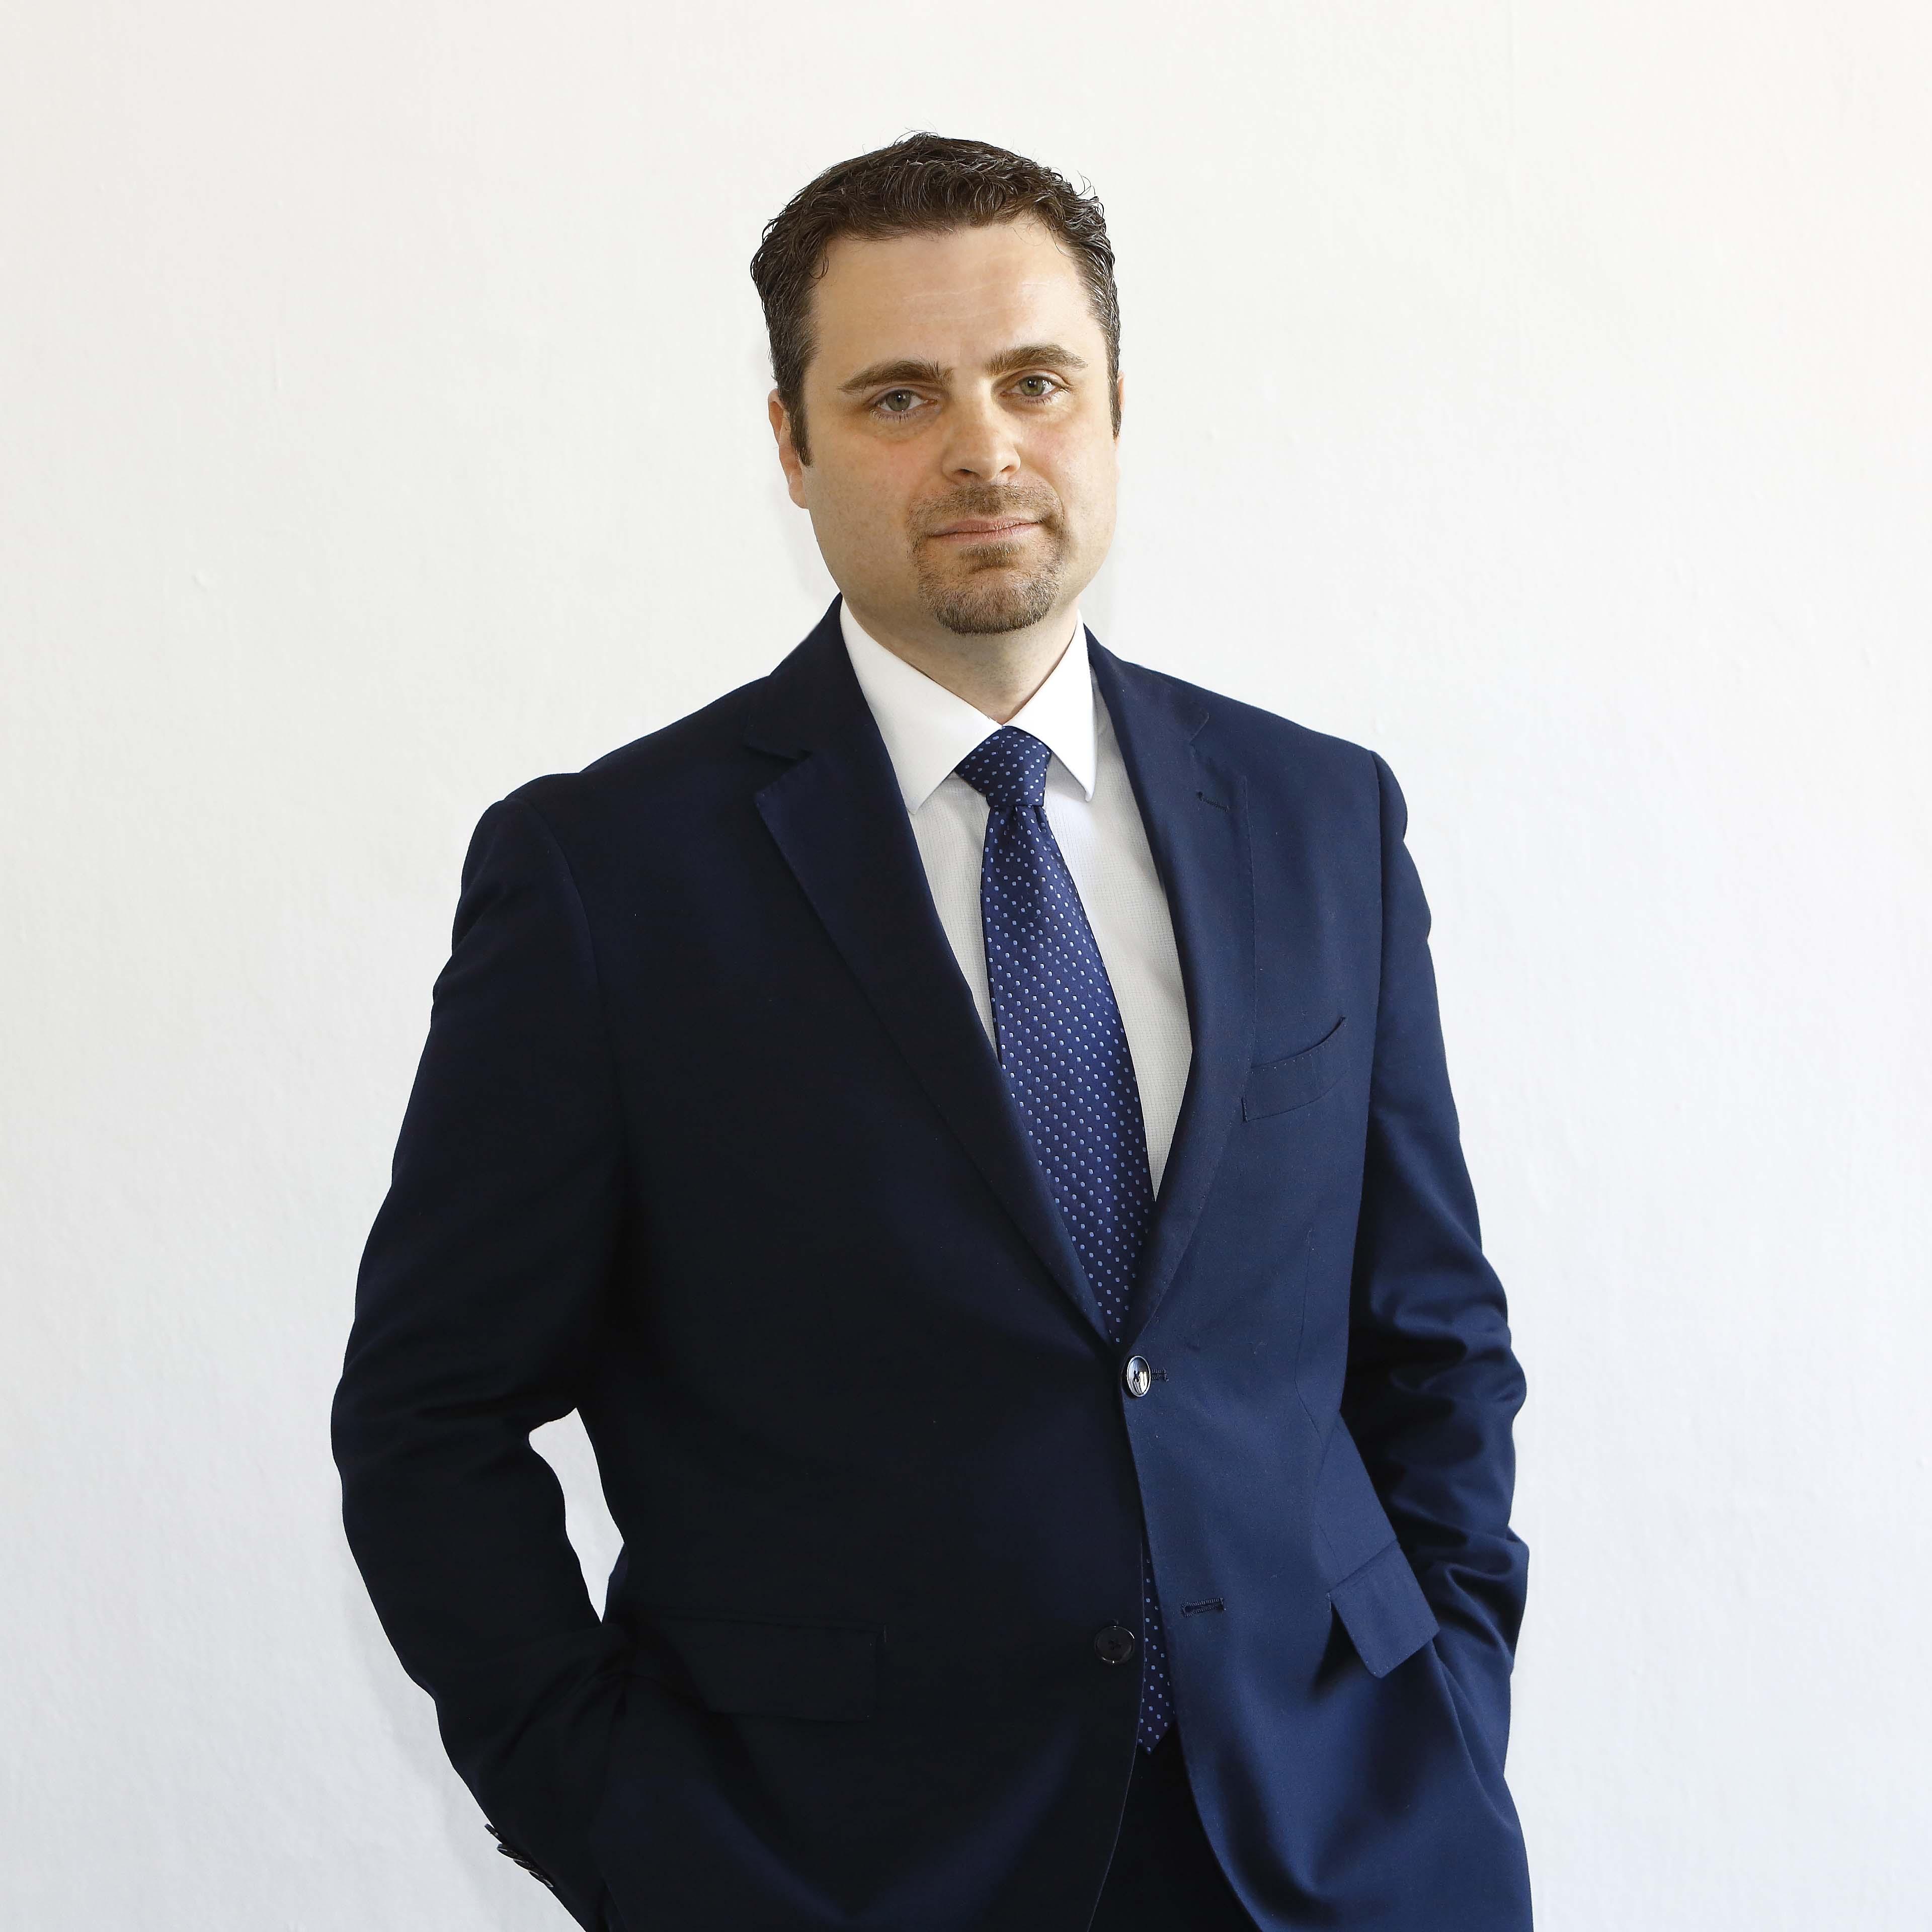 Stefano Merchiori, Ceo di Sinergetica